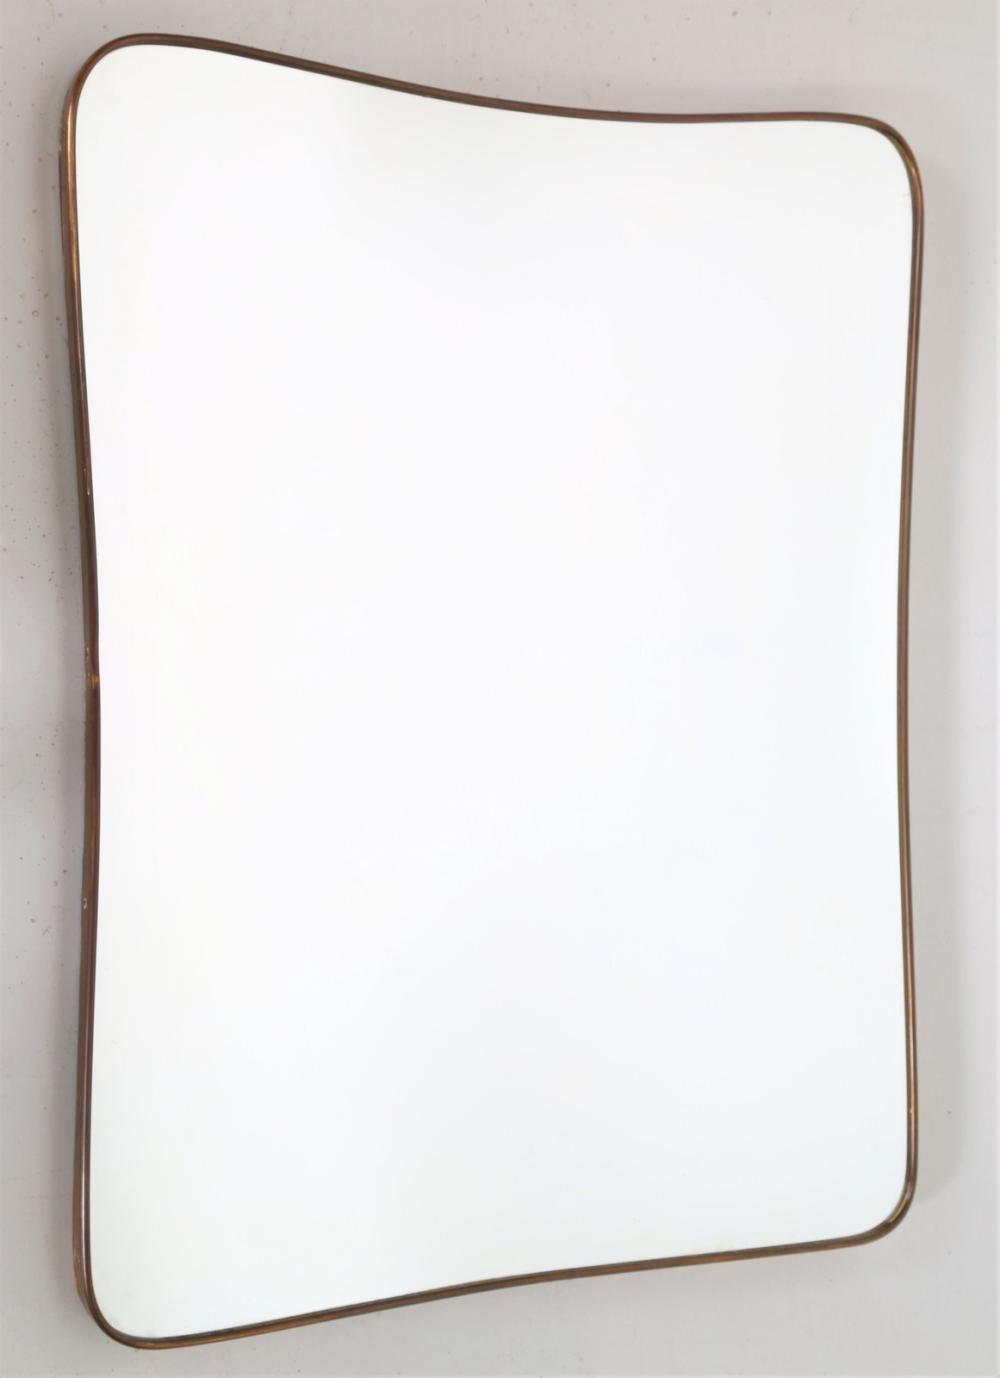 PONTI GIO' (1891 - 1979) Attributed Mirror mo. FA 33